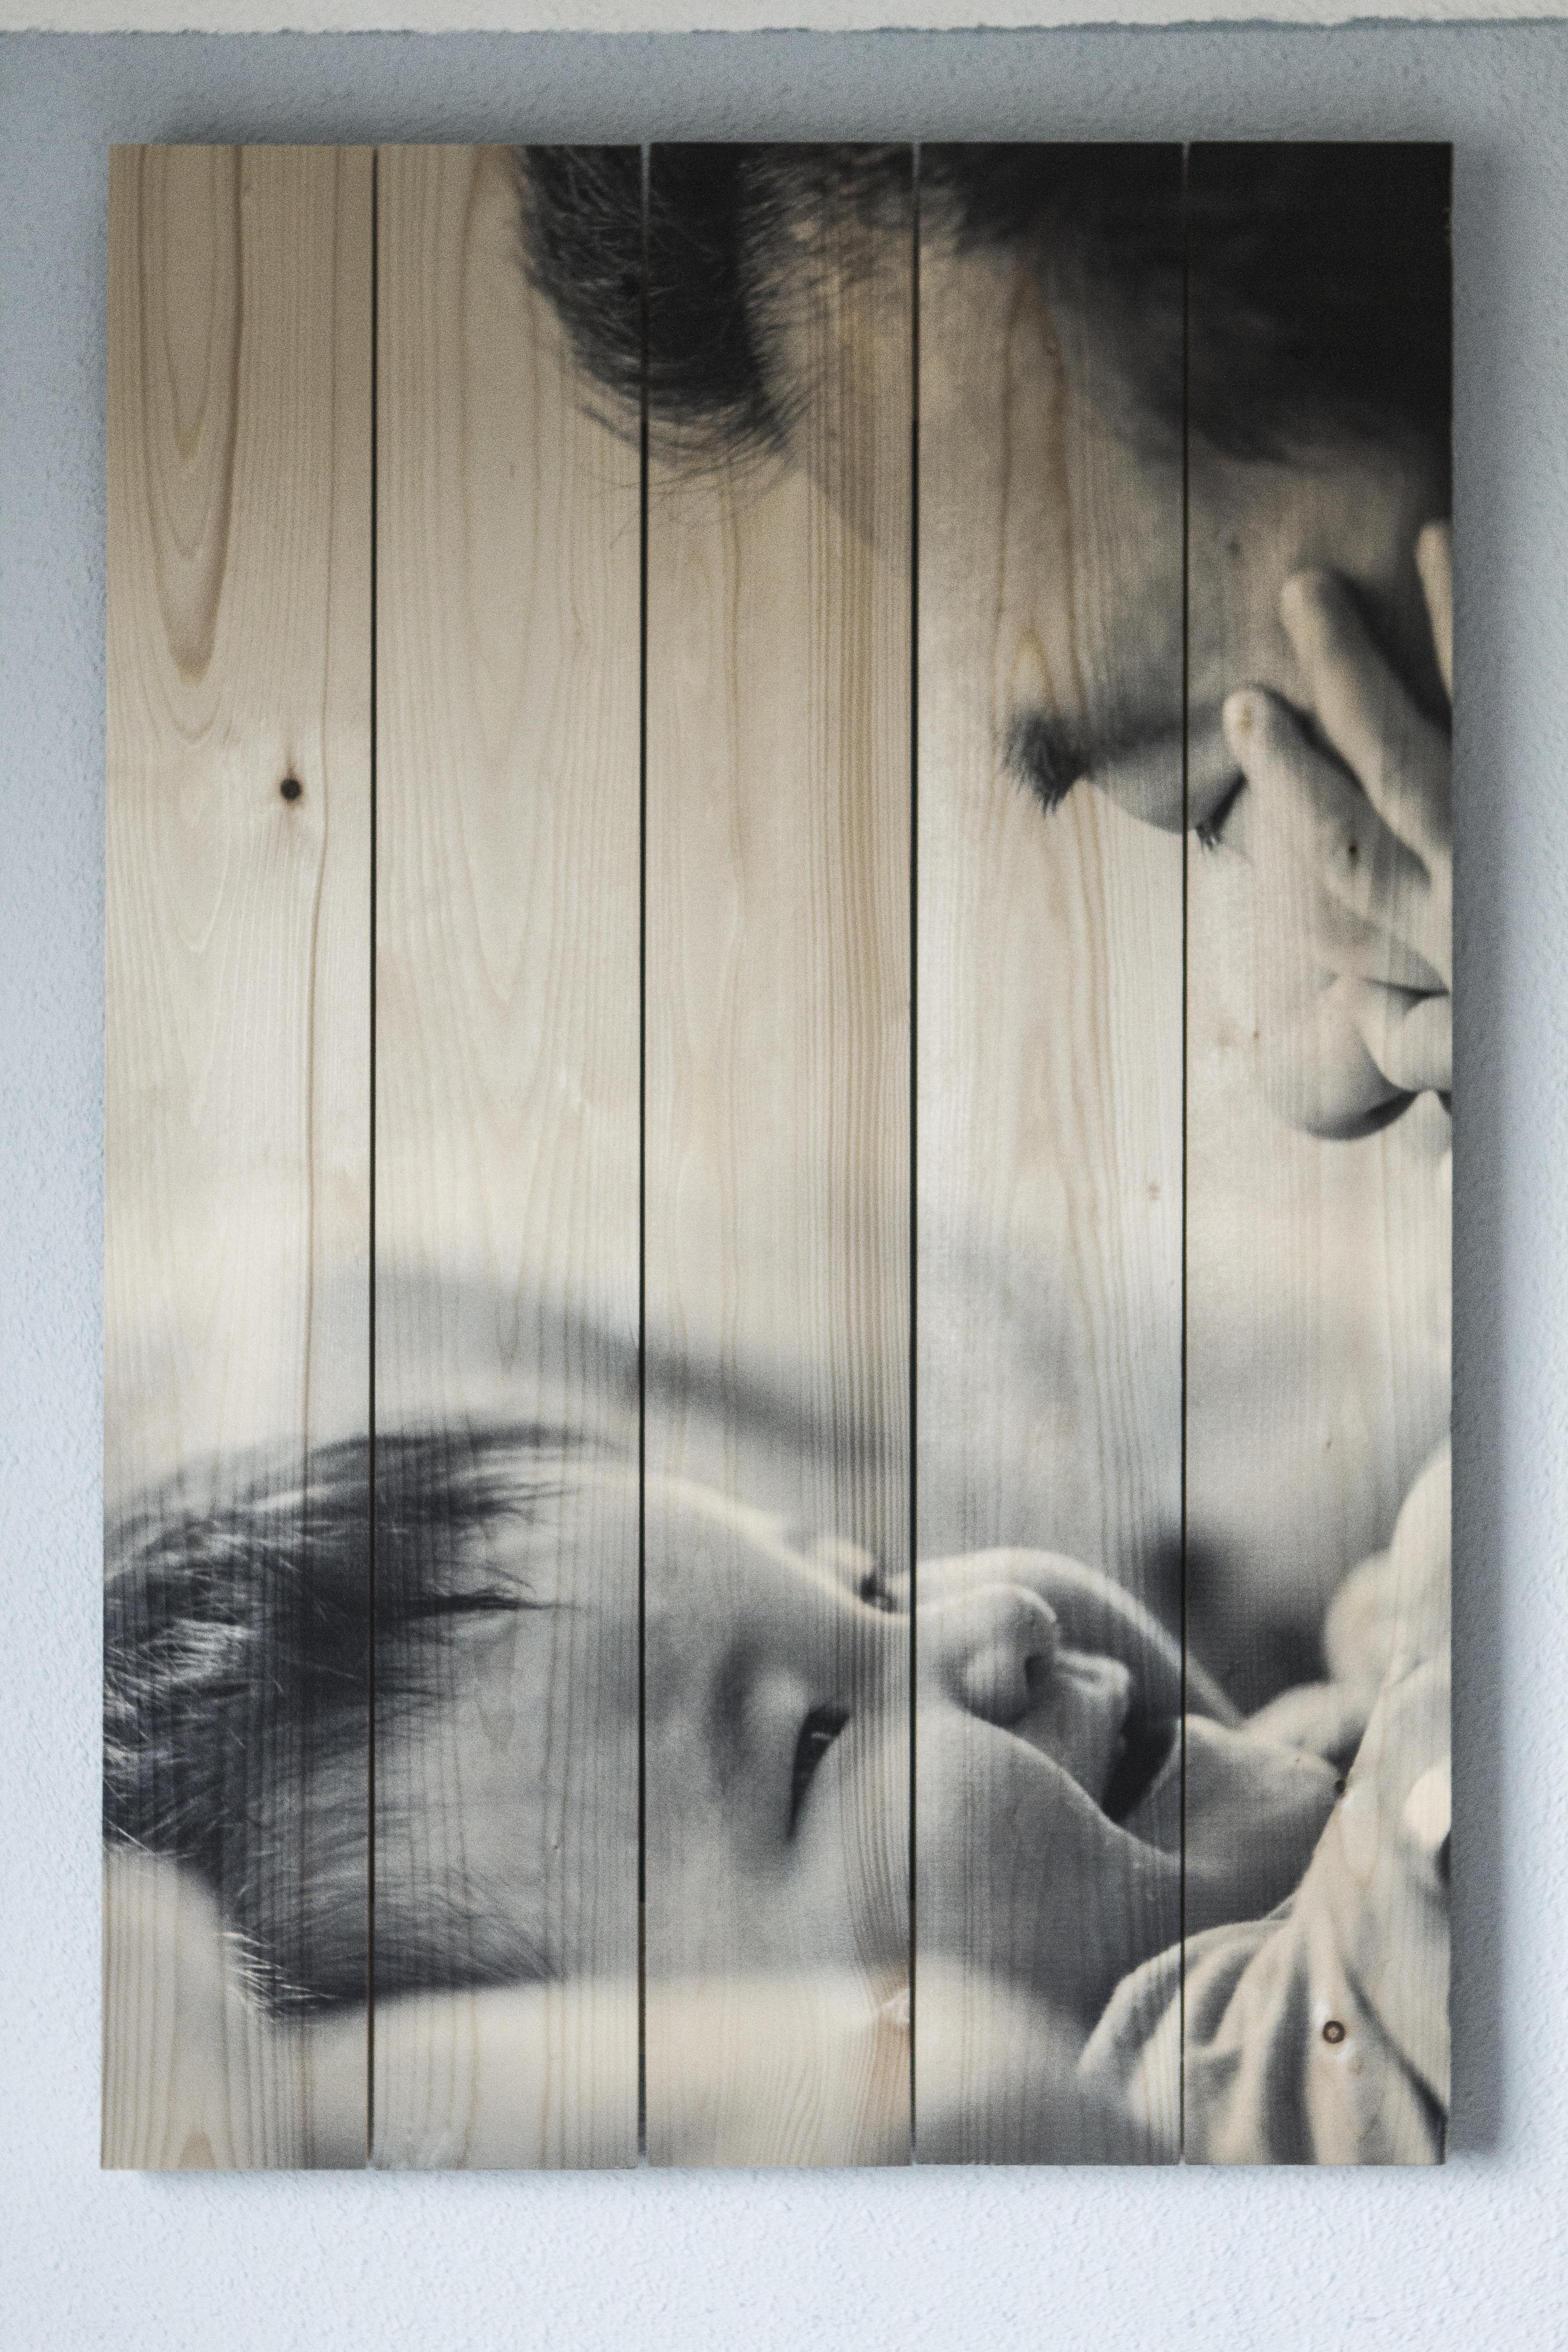 foto afgedrukt op houtblok